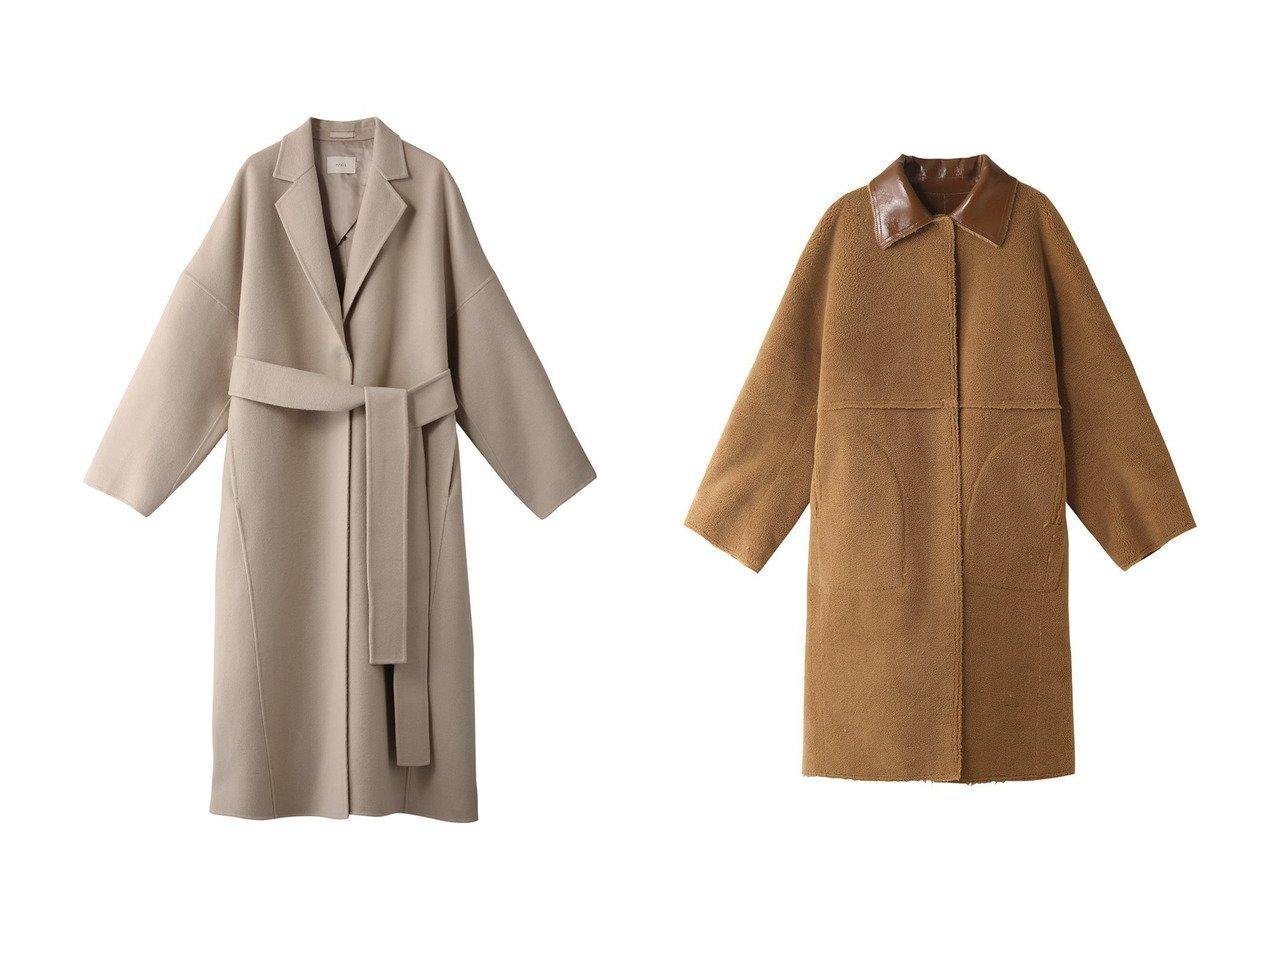 【LE CIEL BLEU/ルシェル ブルー】のフェイクパテントシアリングコート&【LE PHIL/ル フィル】のソフトウールビーバーコート アウターのおすすめ!人気、レディースファッションの通販  おすすめで人気のファッション通販商品 インテリア・家具・キッズファッション・メンズファッション・レディースファッション・服の通販 founy(ファニー) https://founy.com/ ファッション Fashion レディース WOMEN アウター Coat Outerwear コート Coats ショルダー ドロップ ロング |ID:crp329100000000457